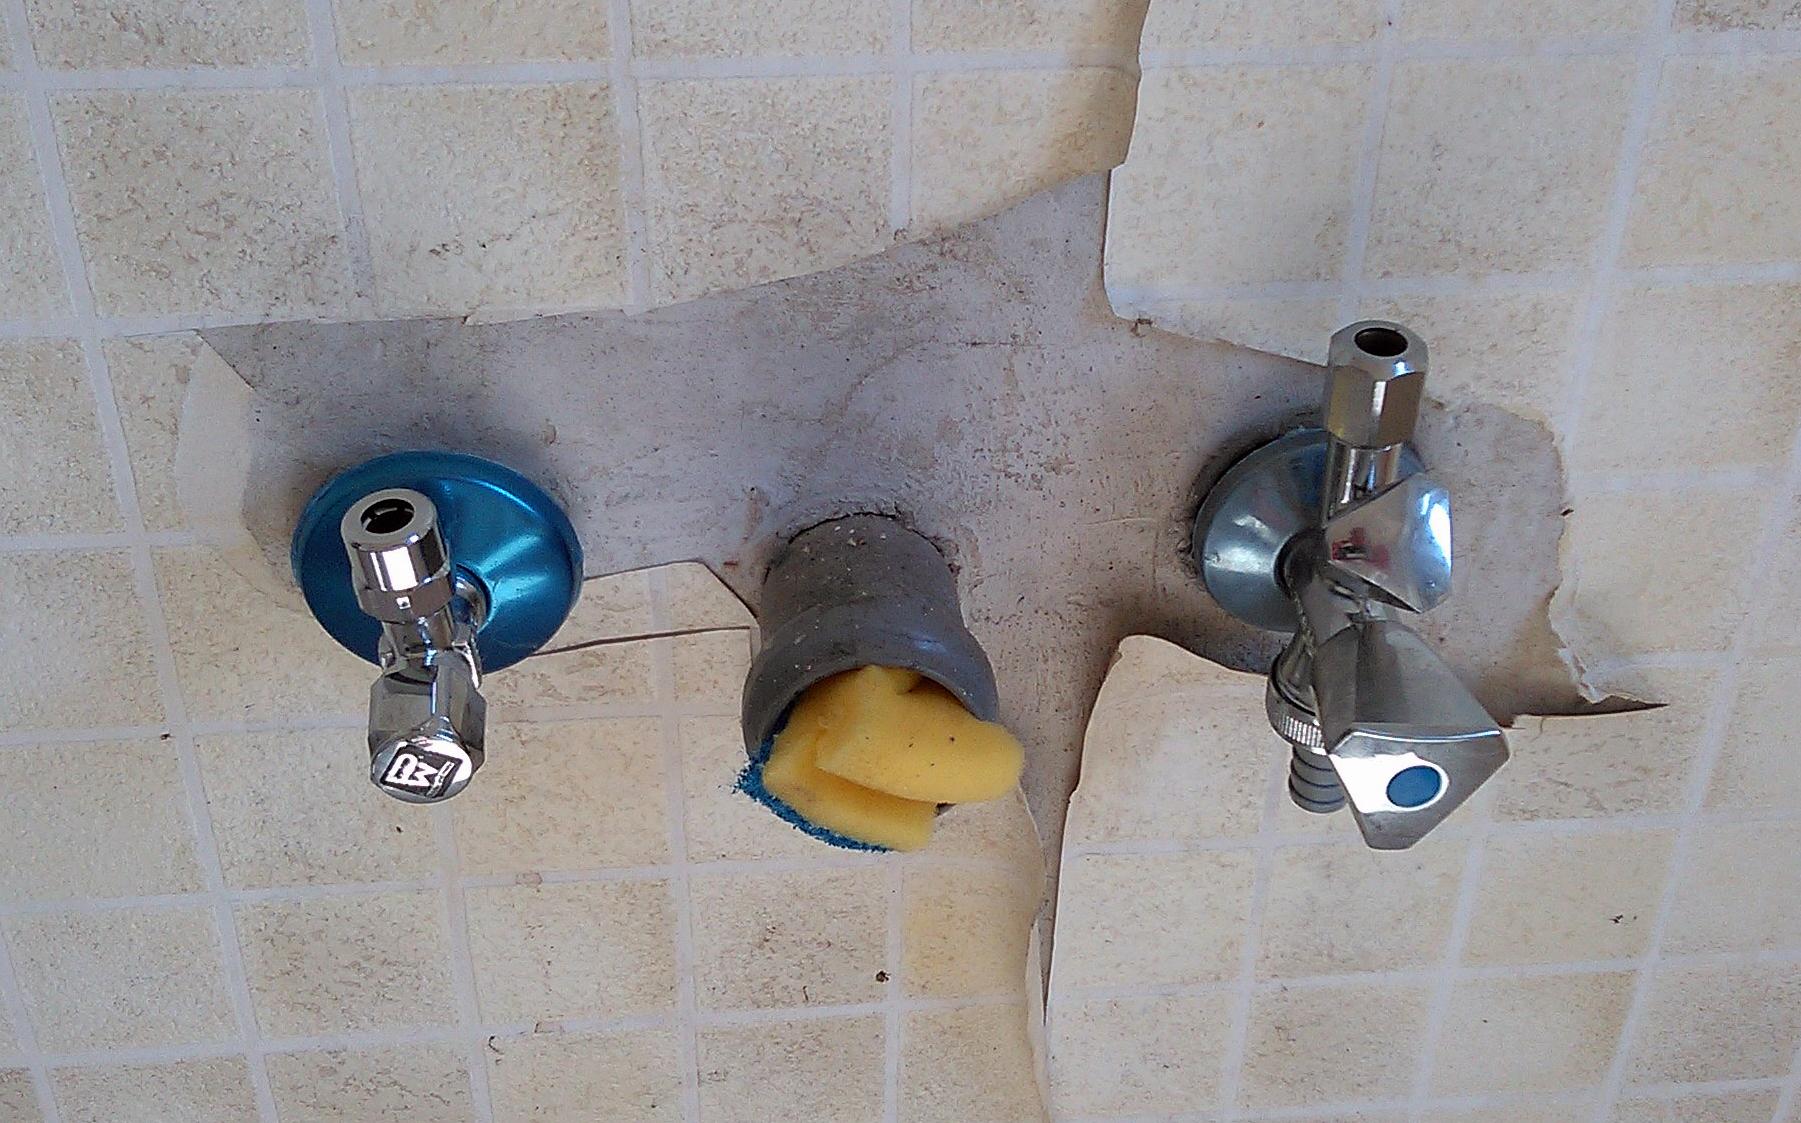 Wasseranschluss Küche Verlängern : file wasseranschluss in einer kueche fcm jpg wikimedia commons ~ A.2002-acura-tl-radio.info Haus und Dekorationen